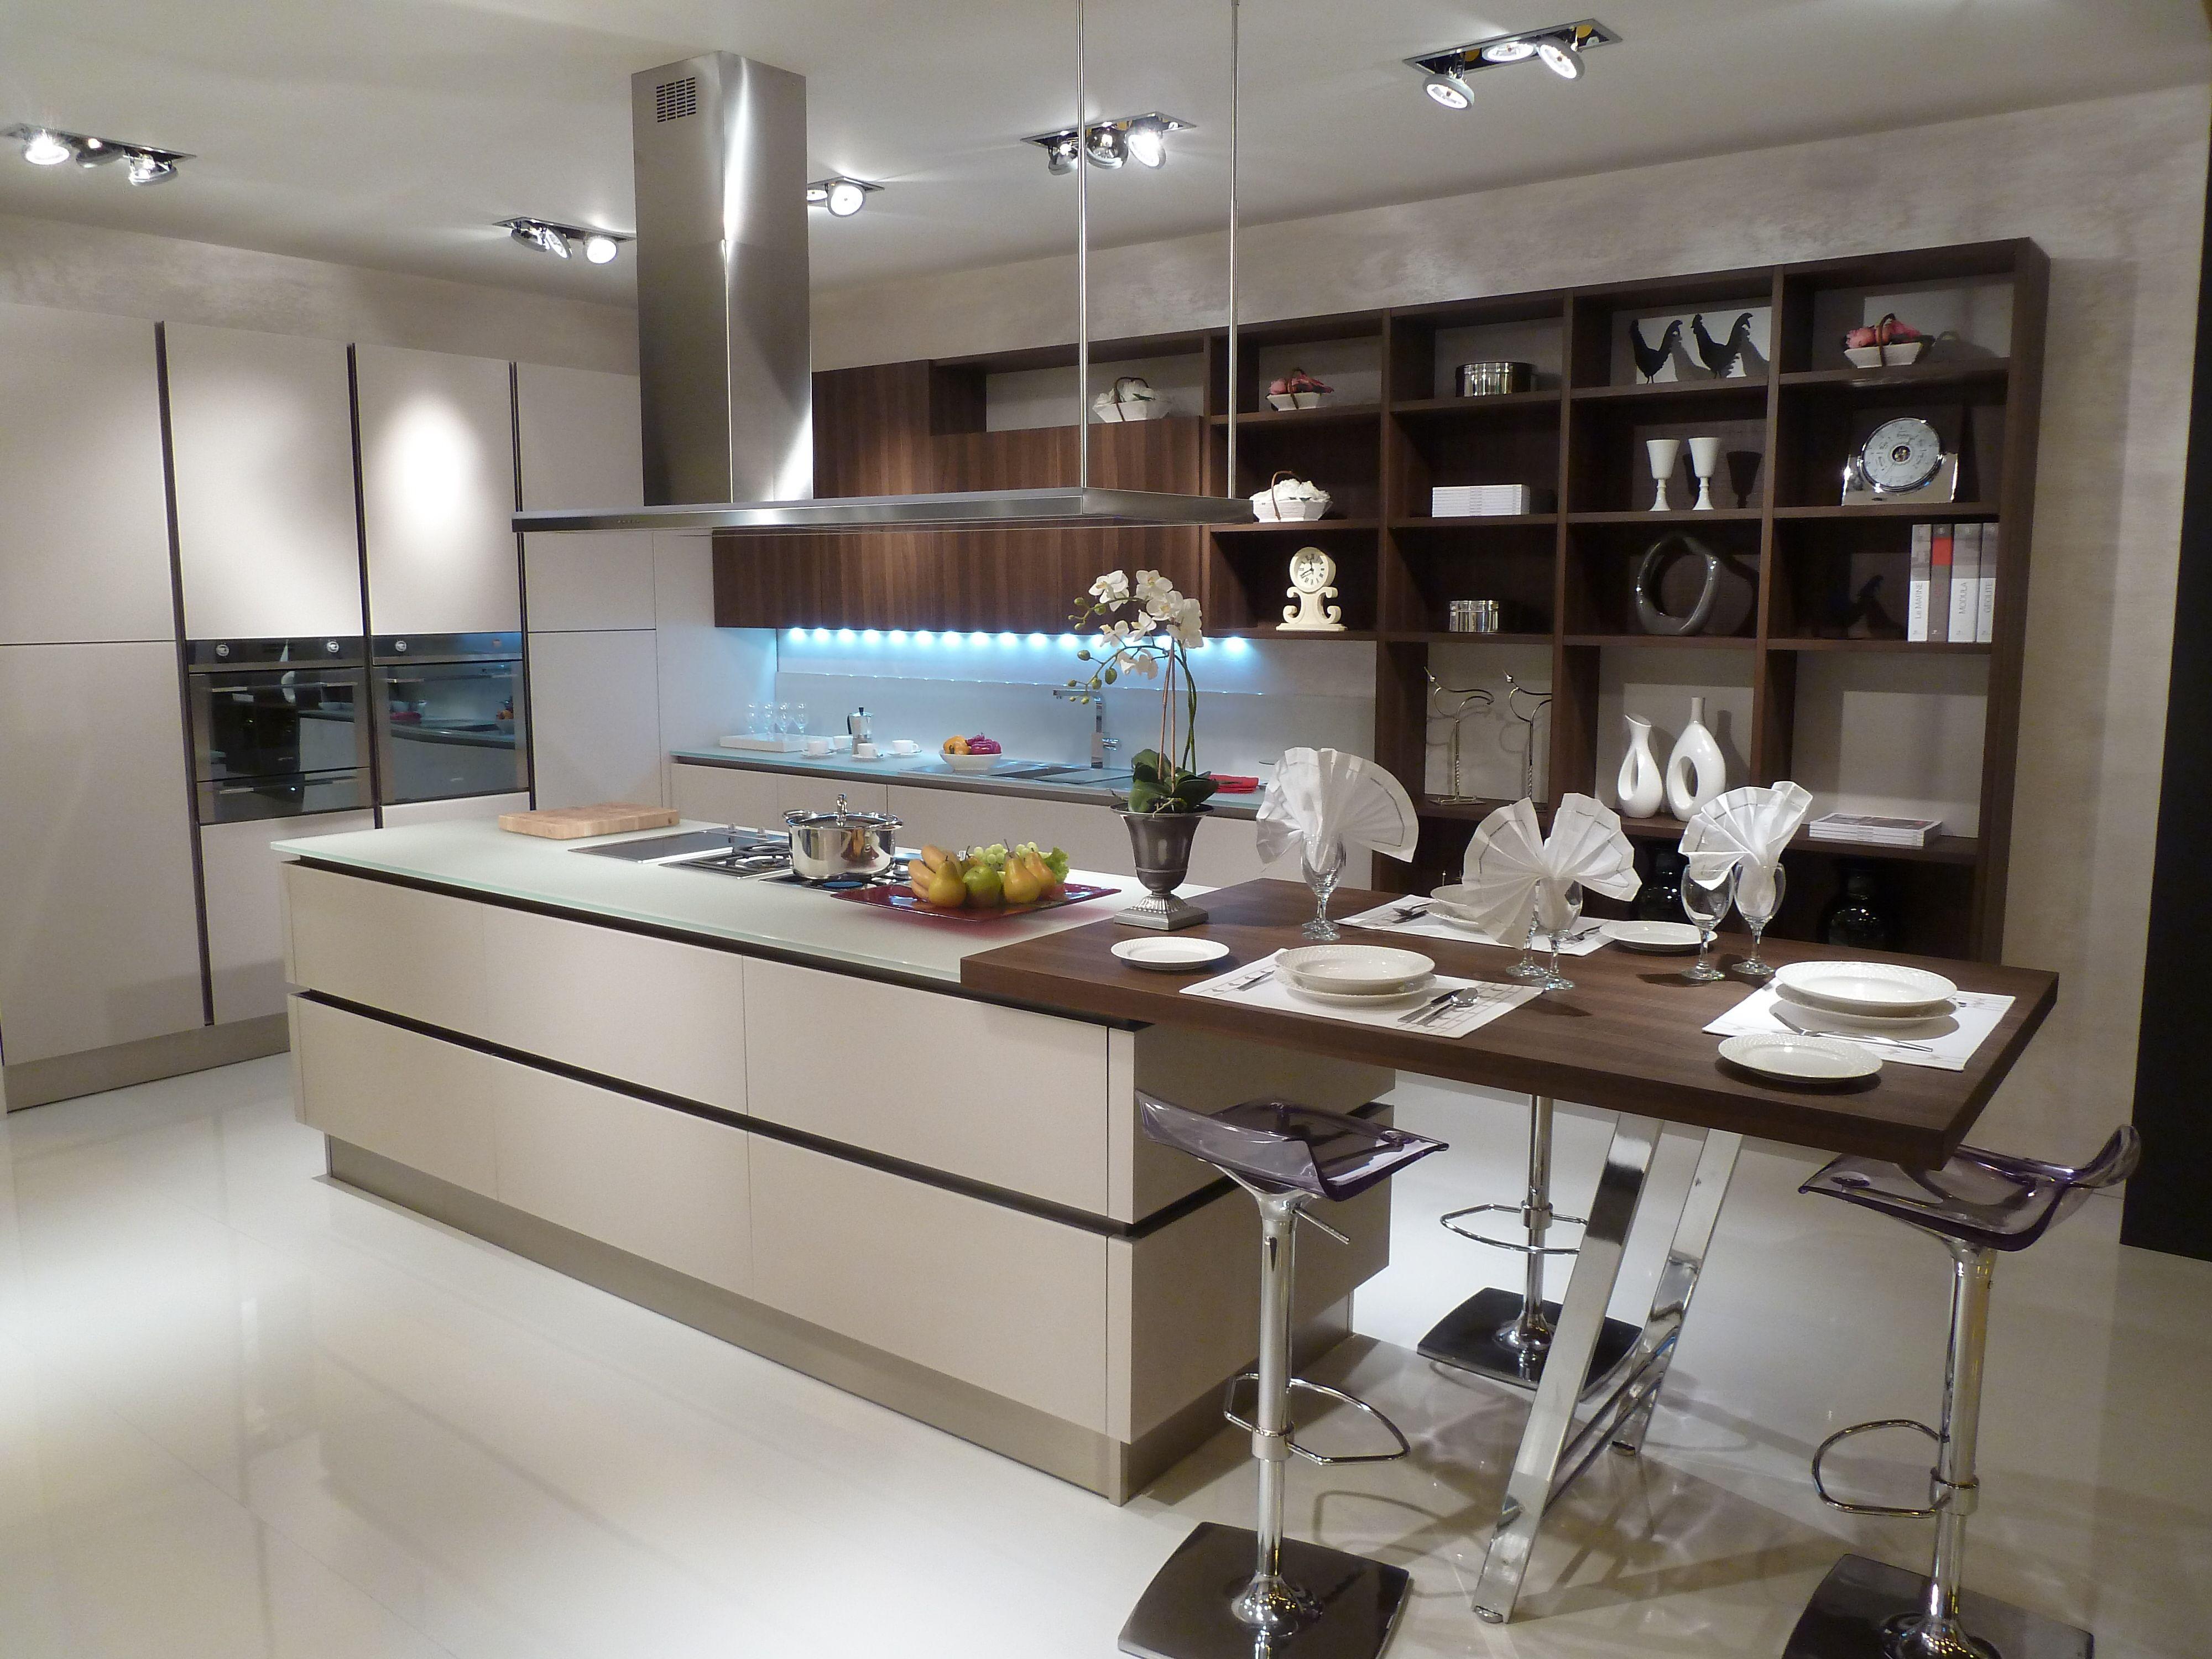 Ella Jade interiors and Veneta Cucine kitchen at 100%design 2012 ...